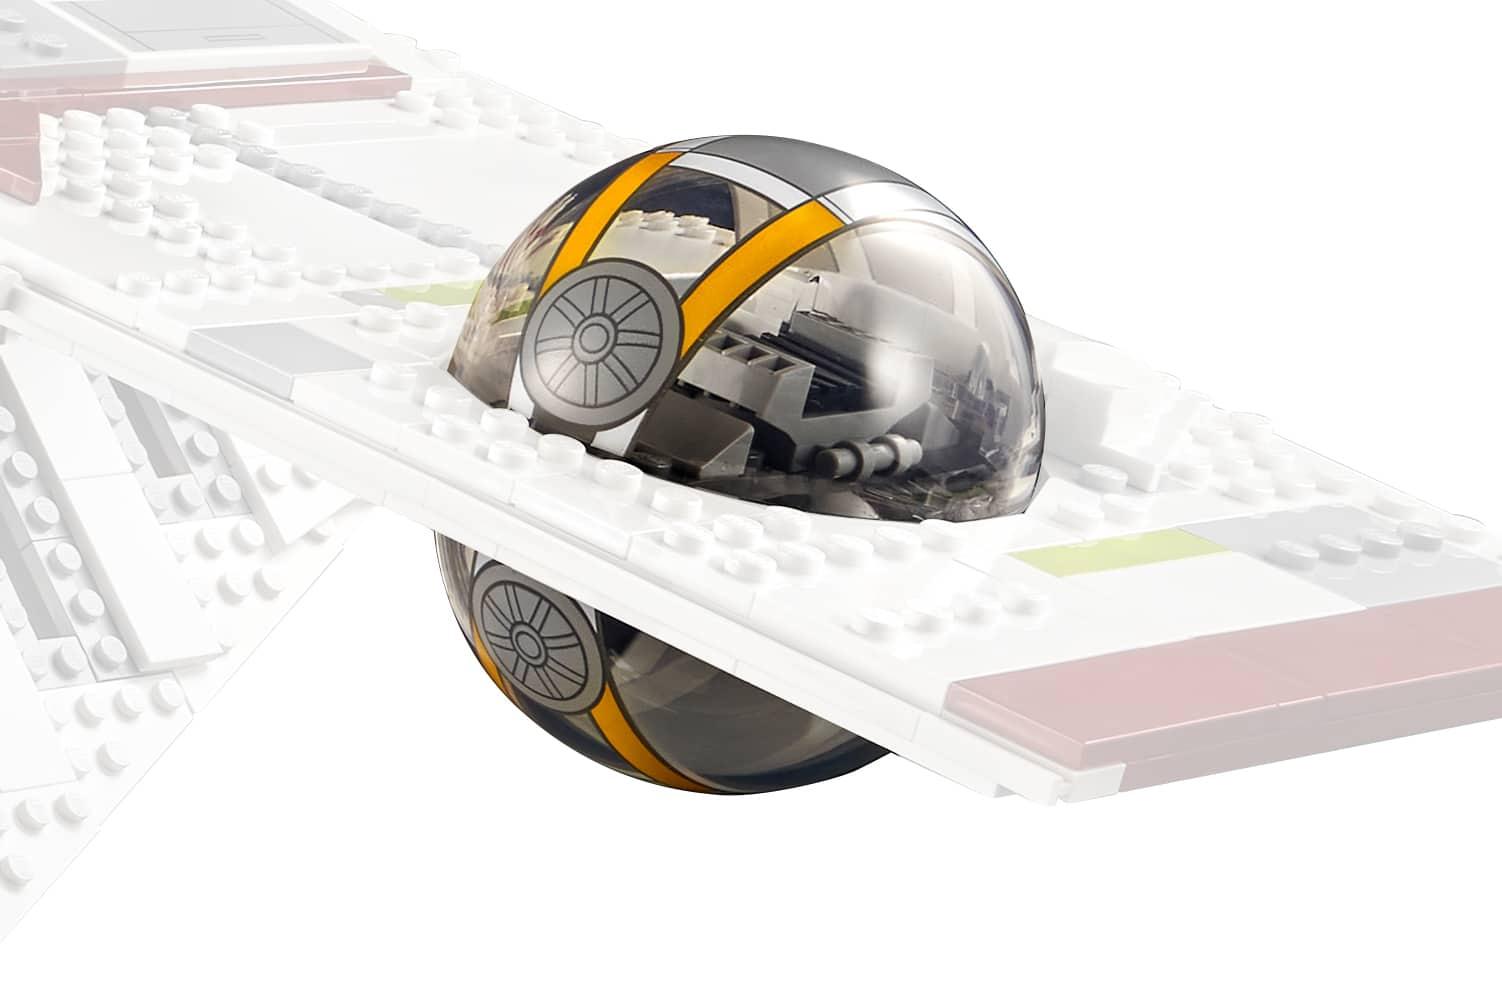 LEGO Star Wars 75309 Gunship Neue Teile02